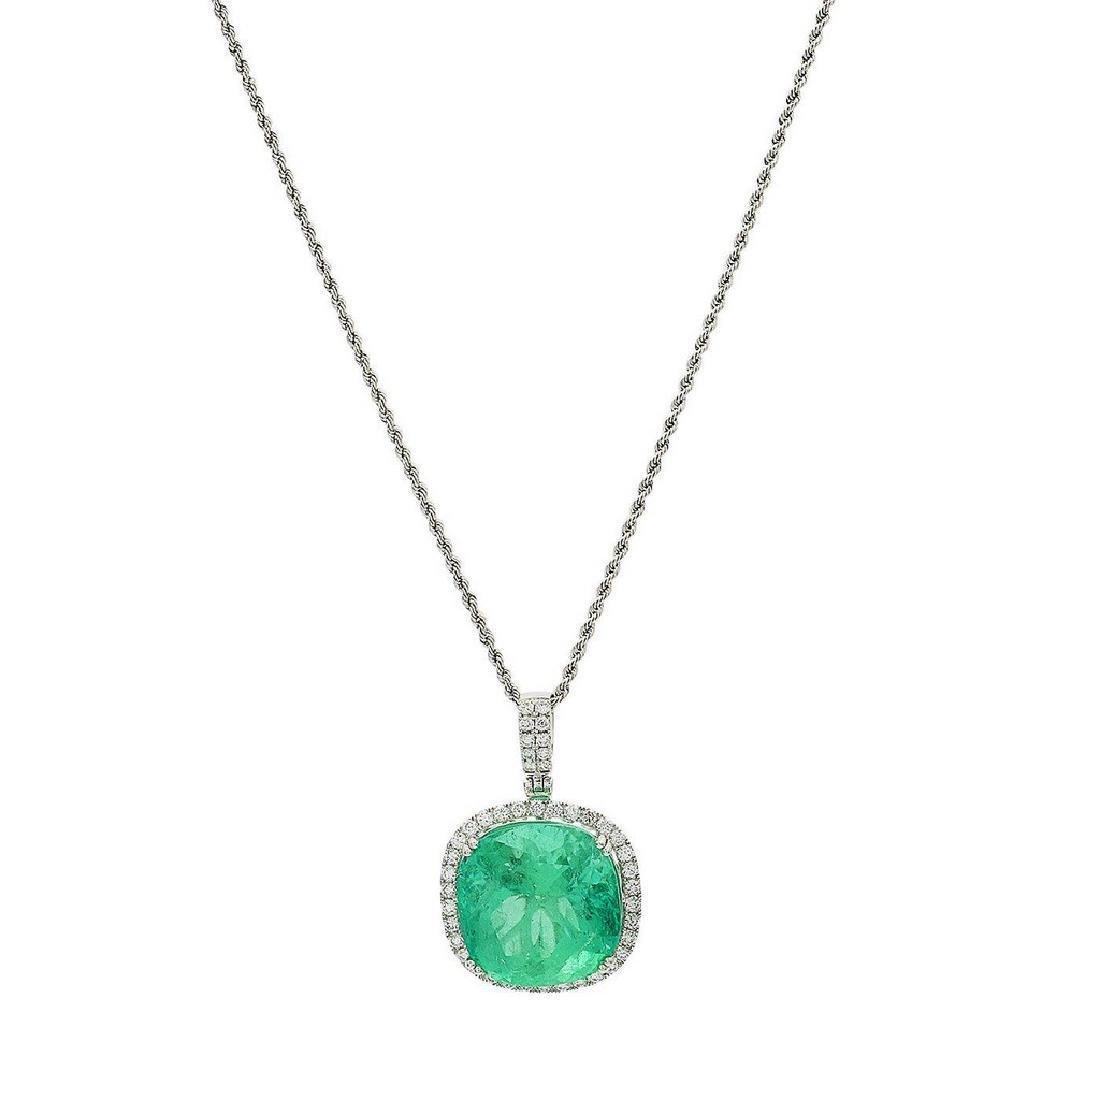 Platinum 24.81ct Emerald 1.05ctw Diamond Necklace GIA